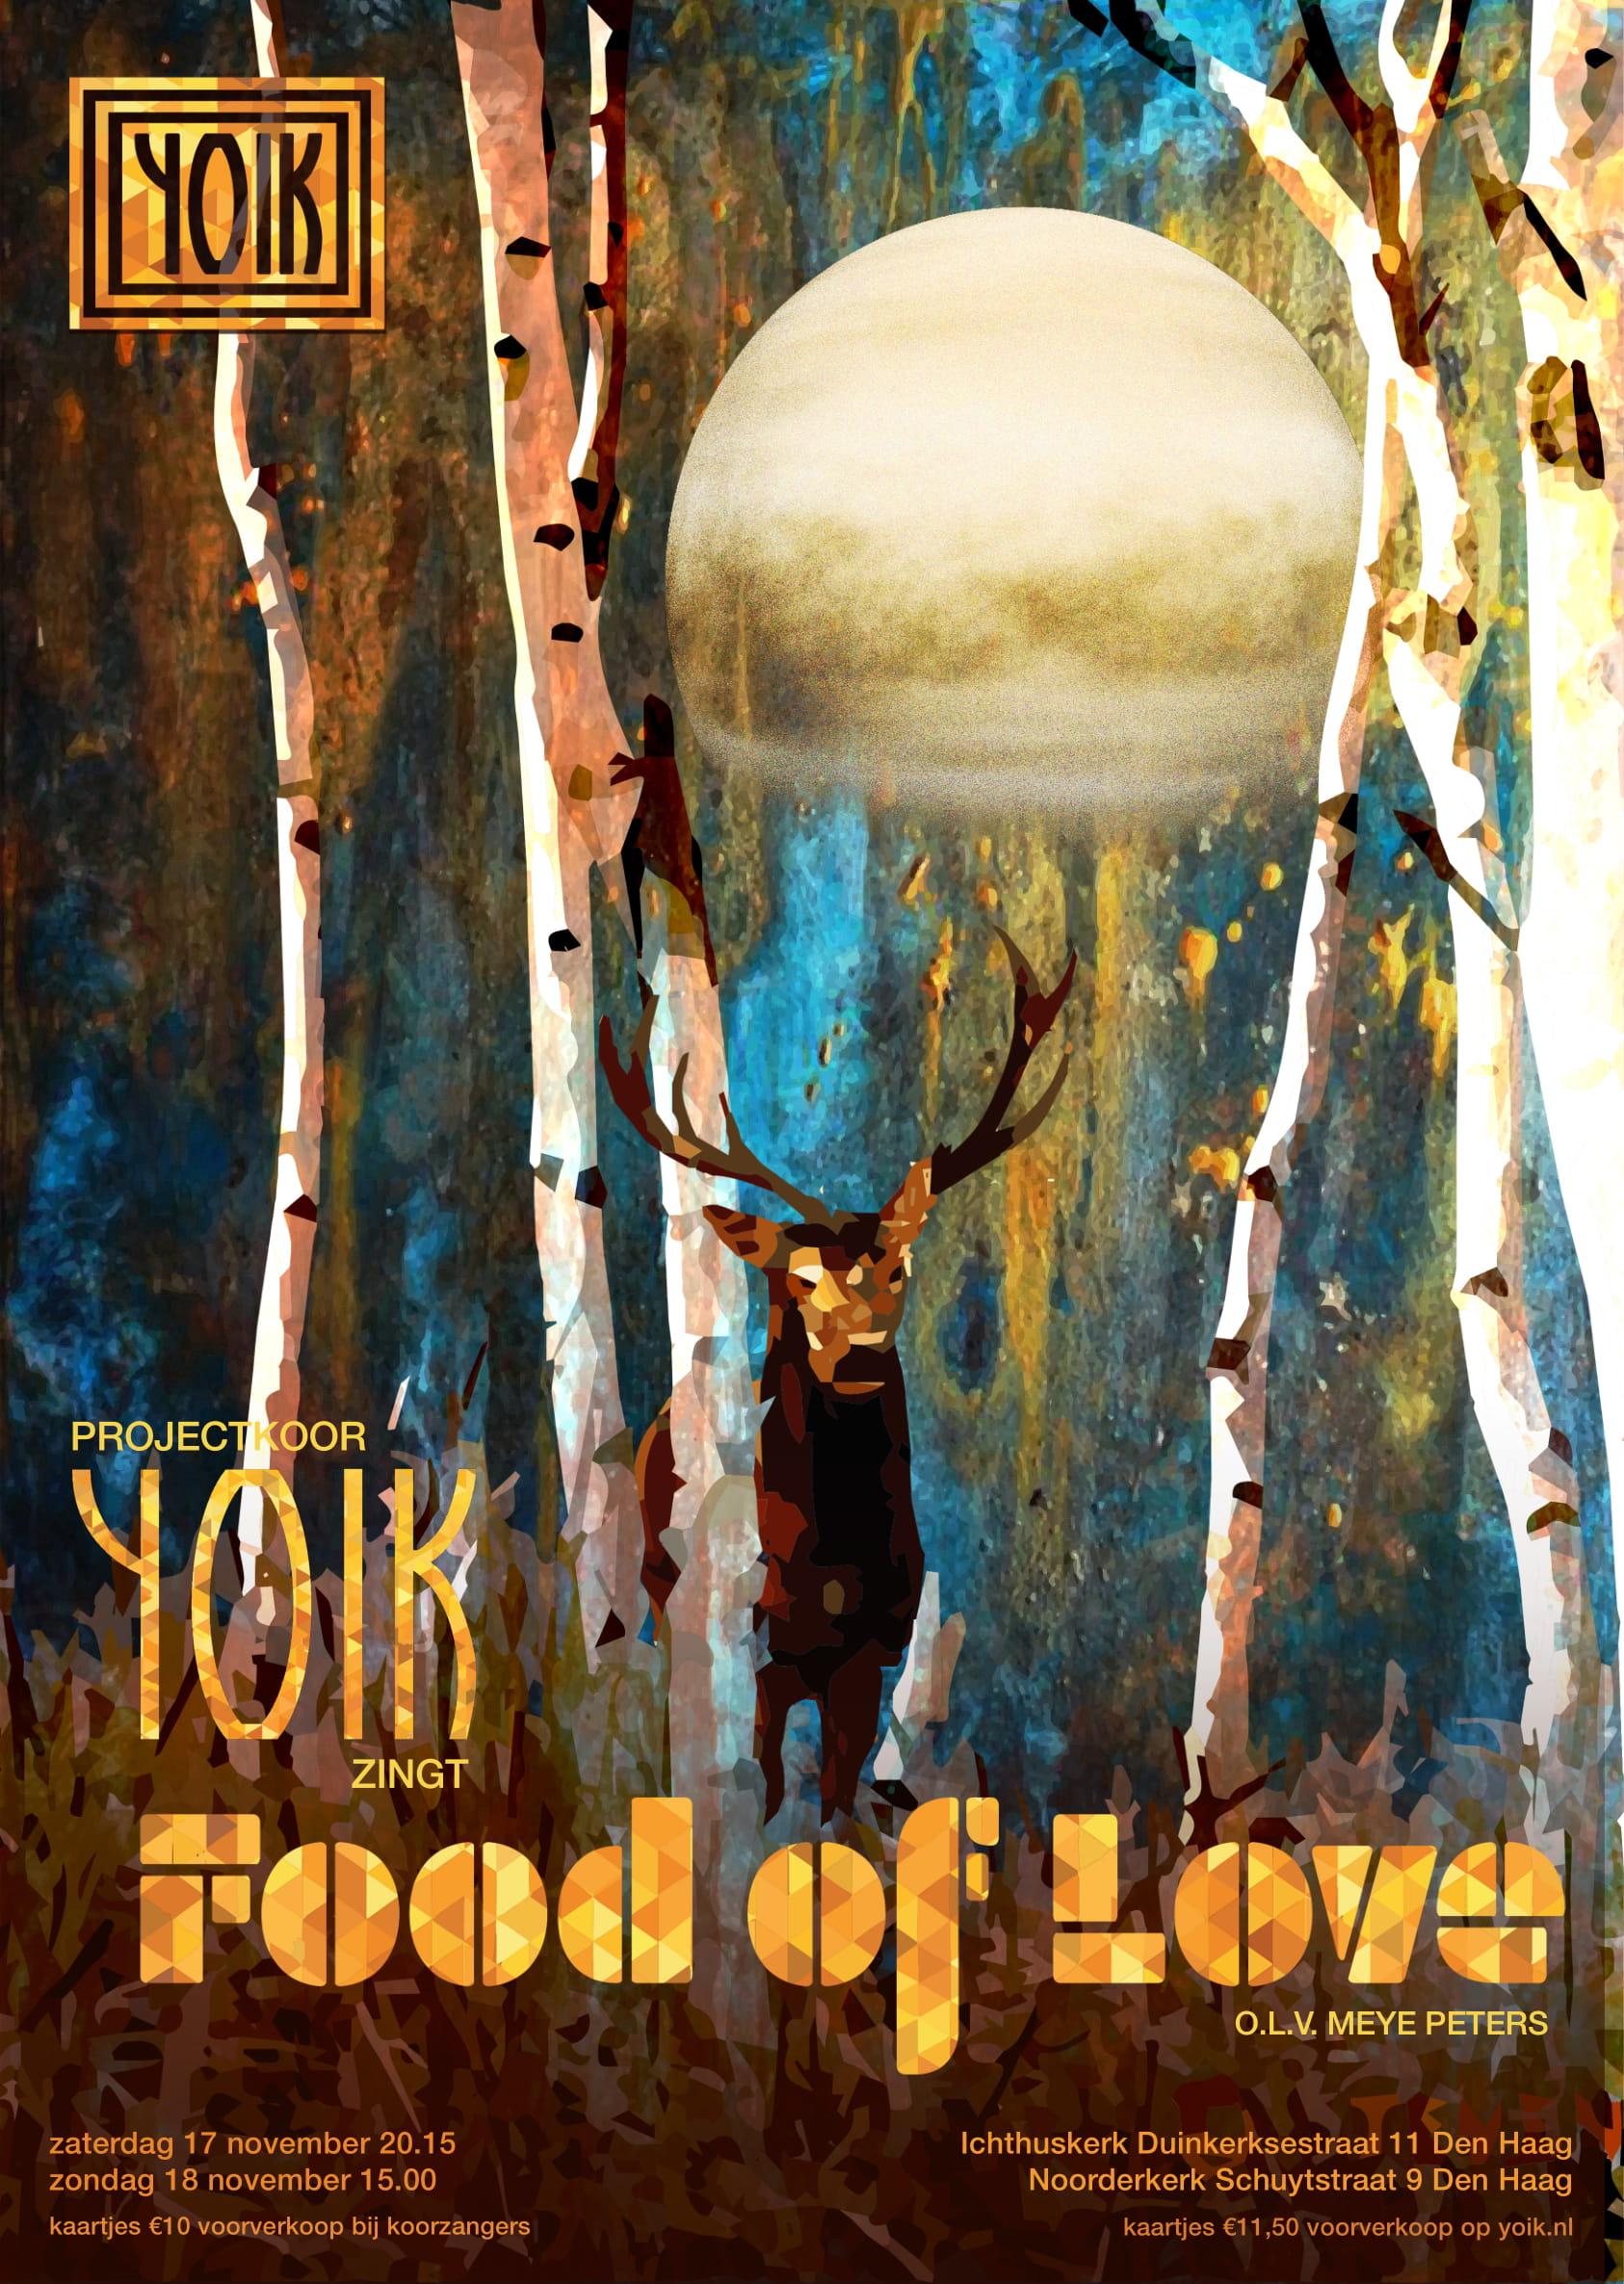 Poster YOIK 3